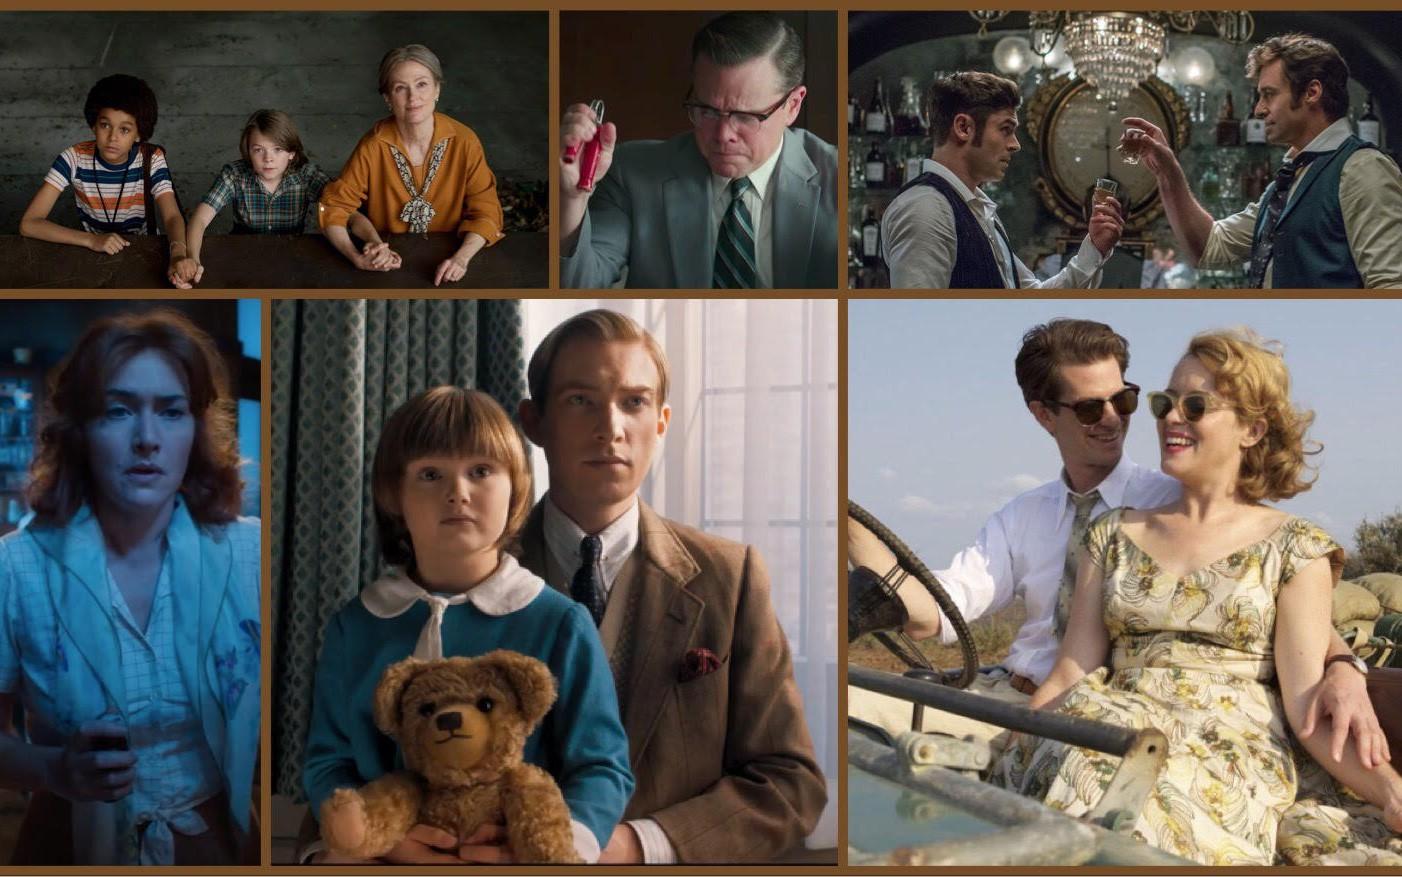 Sắp Oscar, điểm 10 phim tưởng nên chuyện nhưng lại là bom xịt